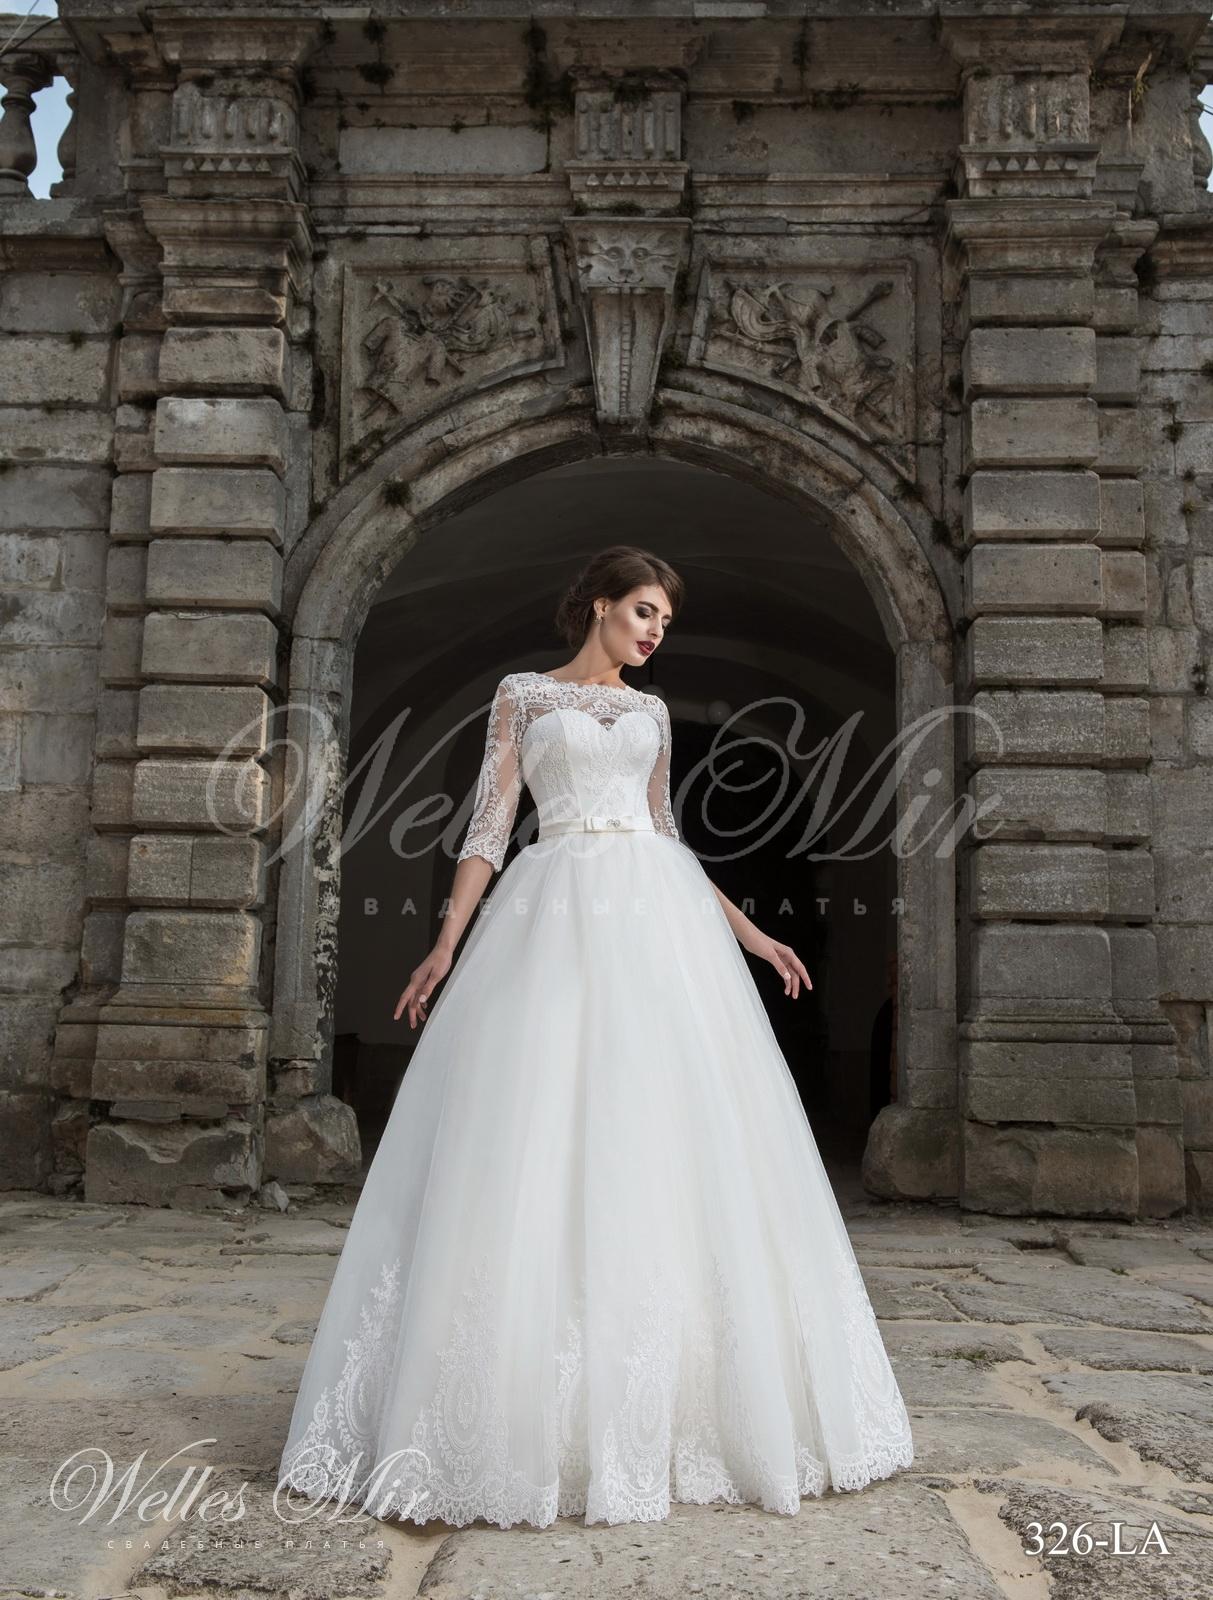 Свадебные платья Exquisite Collection - 326-LA